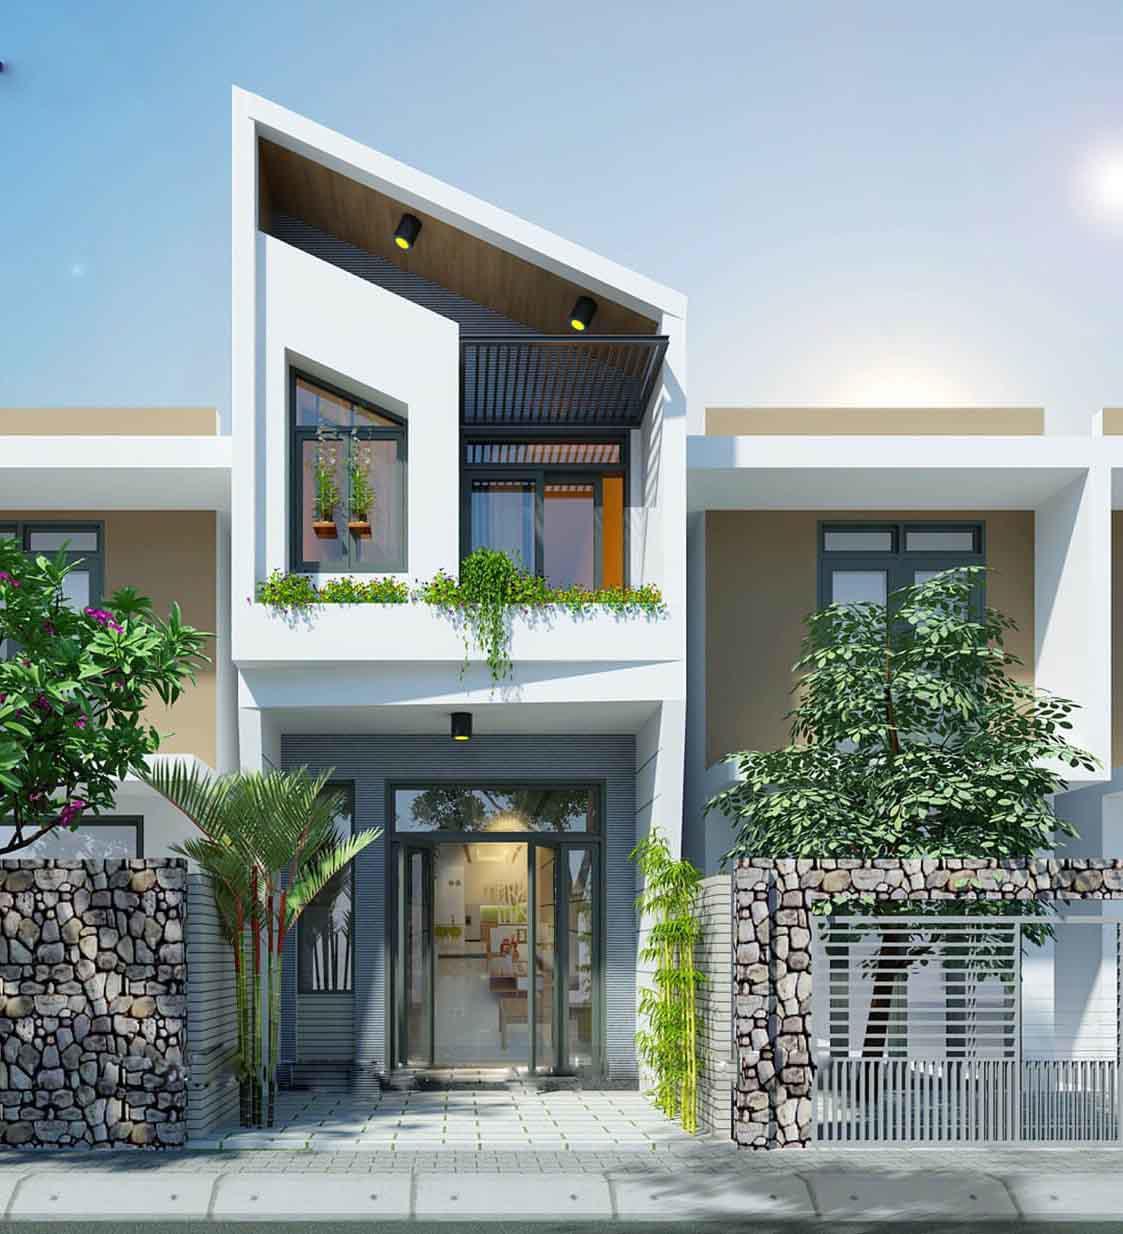 thiết kế nhà 2 tầng giá 400 triệu 2